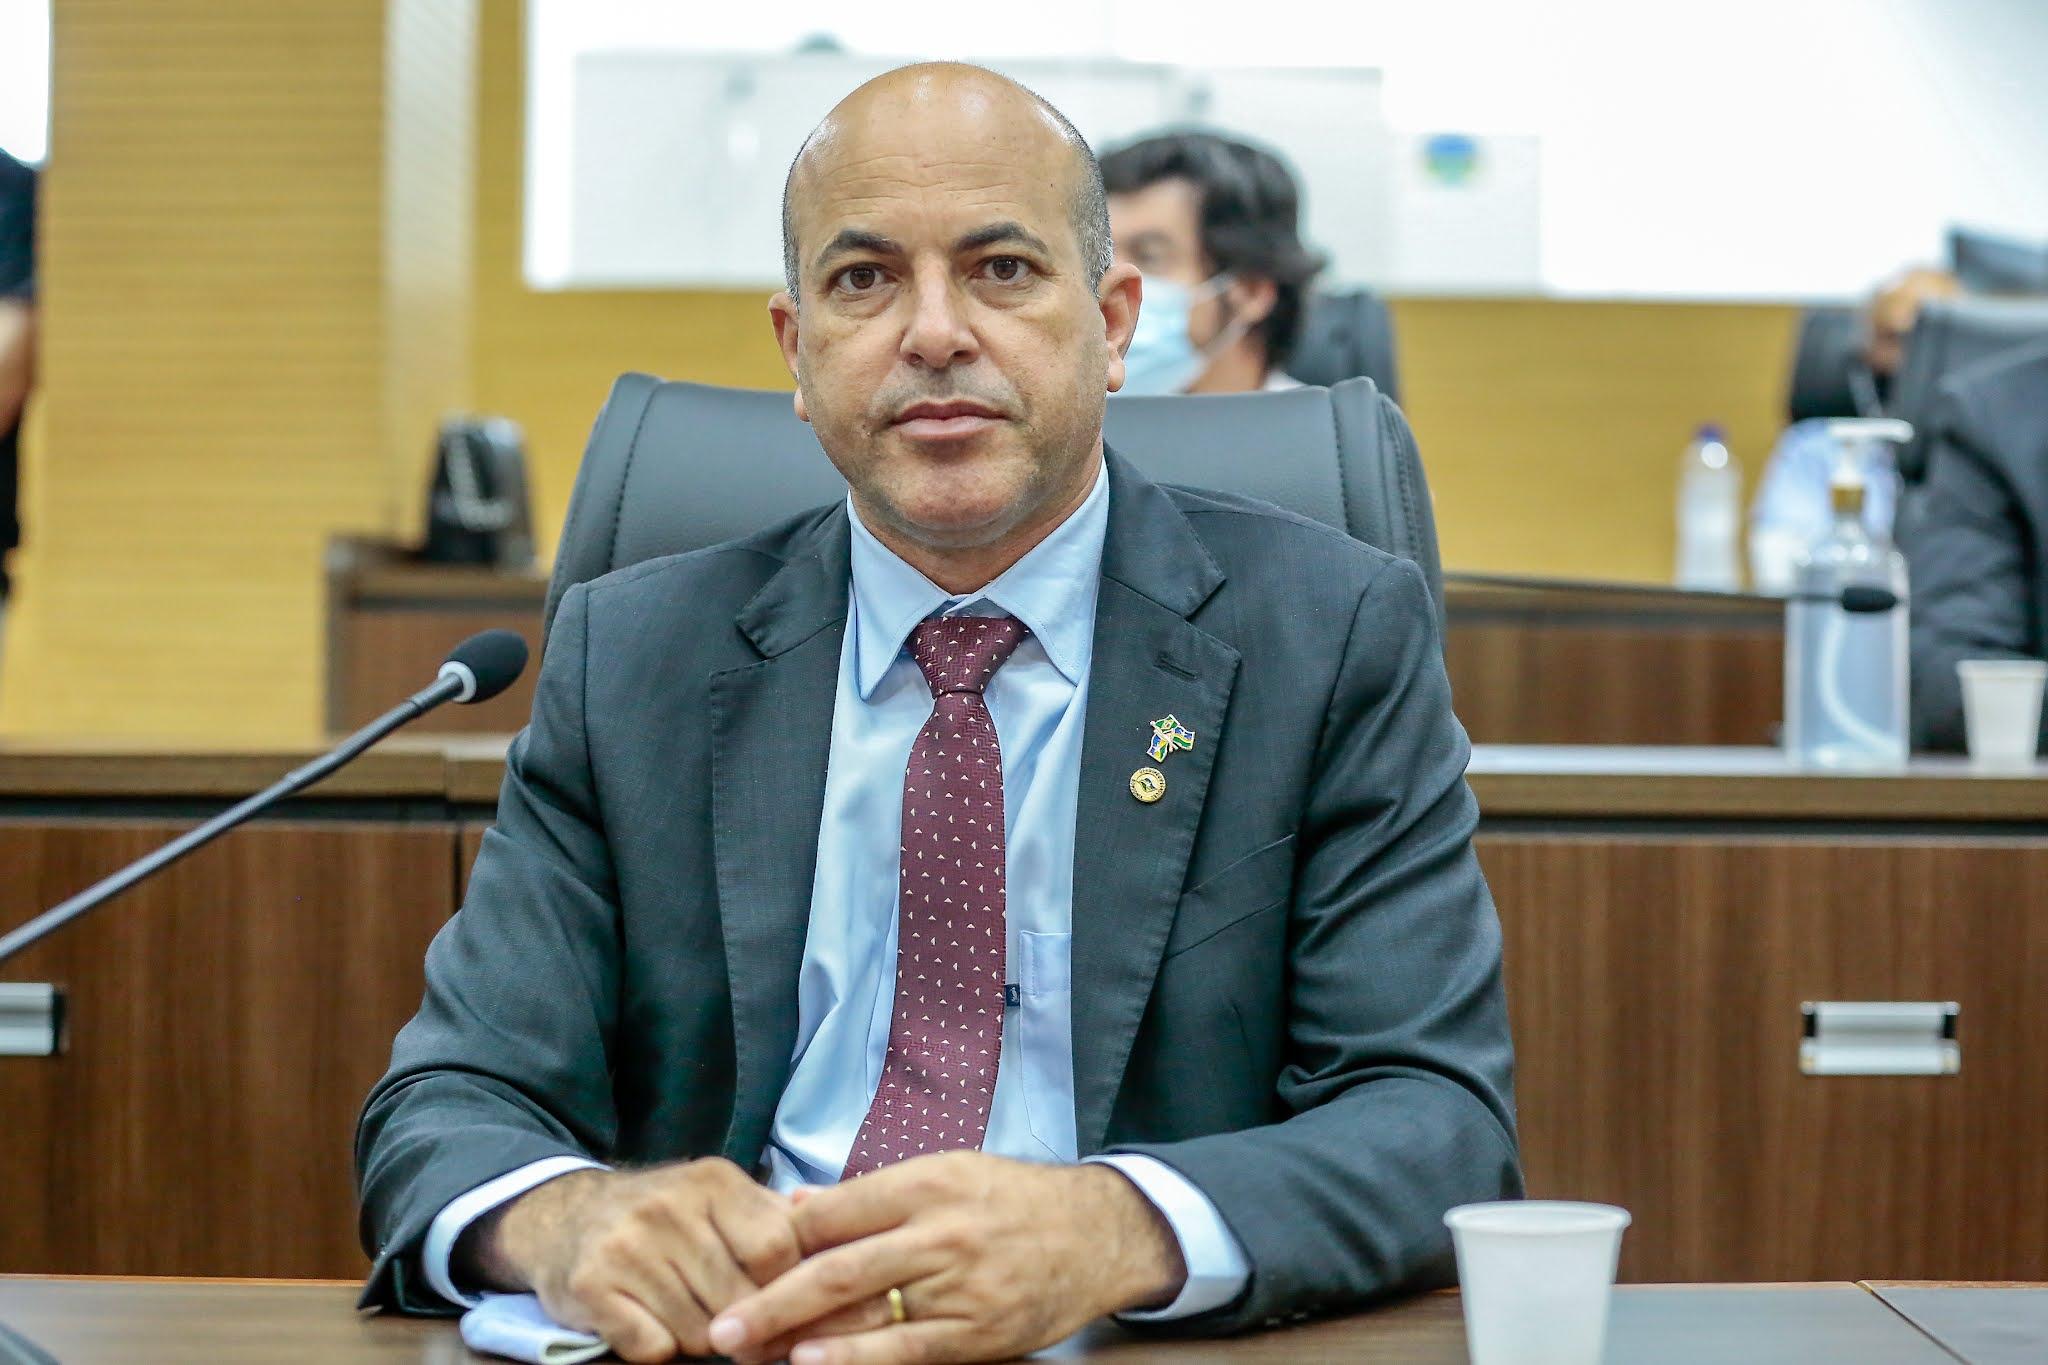 Ismael Crispin apresenta emendas para fomentar setor produtivo com respeito aos limites florestais no PL que trata do zoneamento